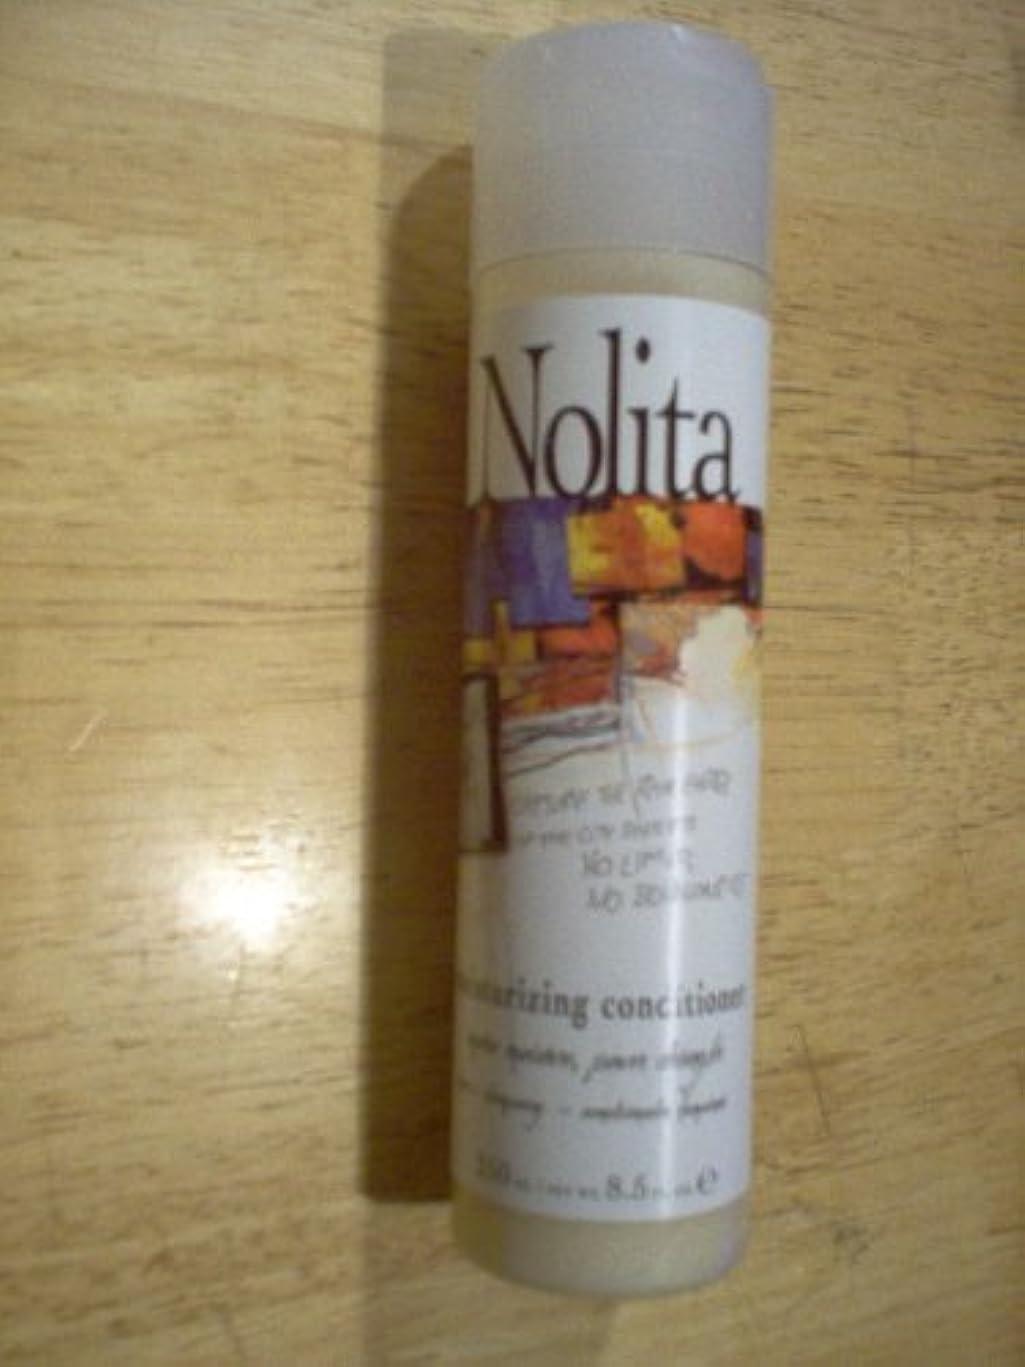 負規則性米国Nolita モイスチャライジングコンディショナー - 8.5オンス 8.5オンス